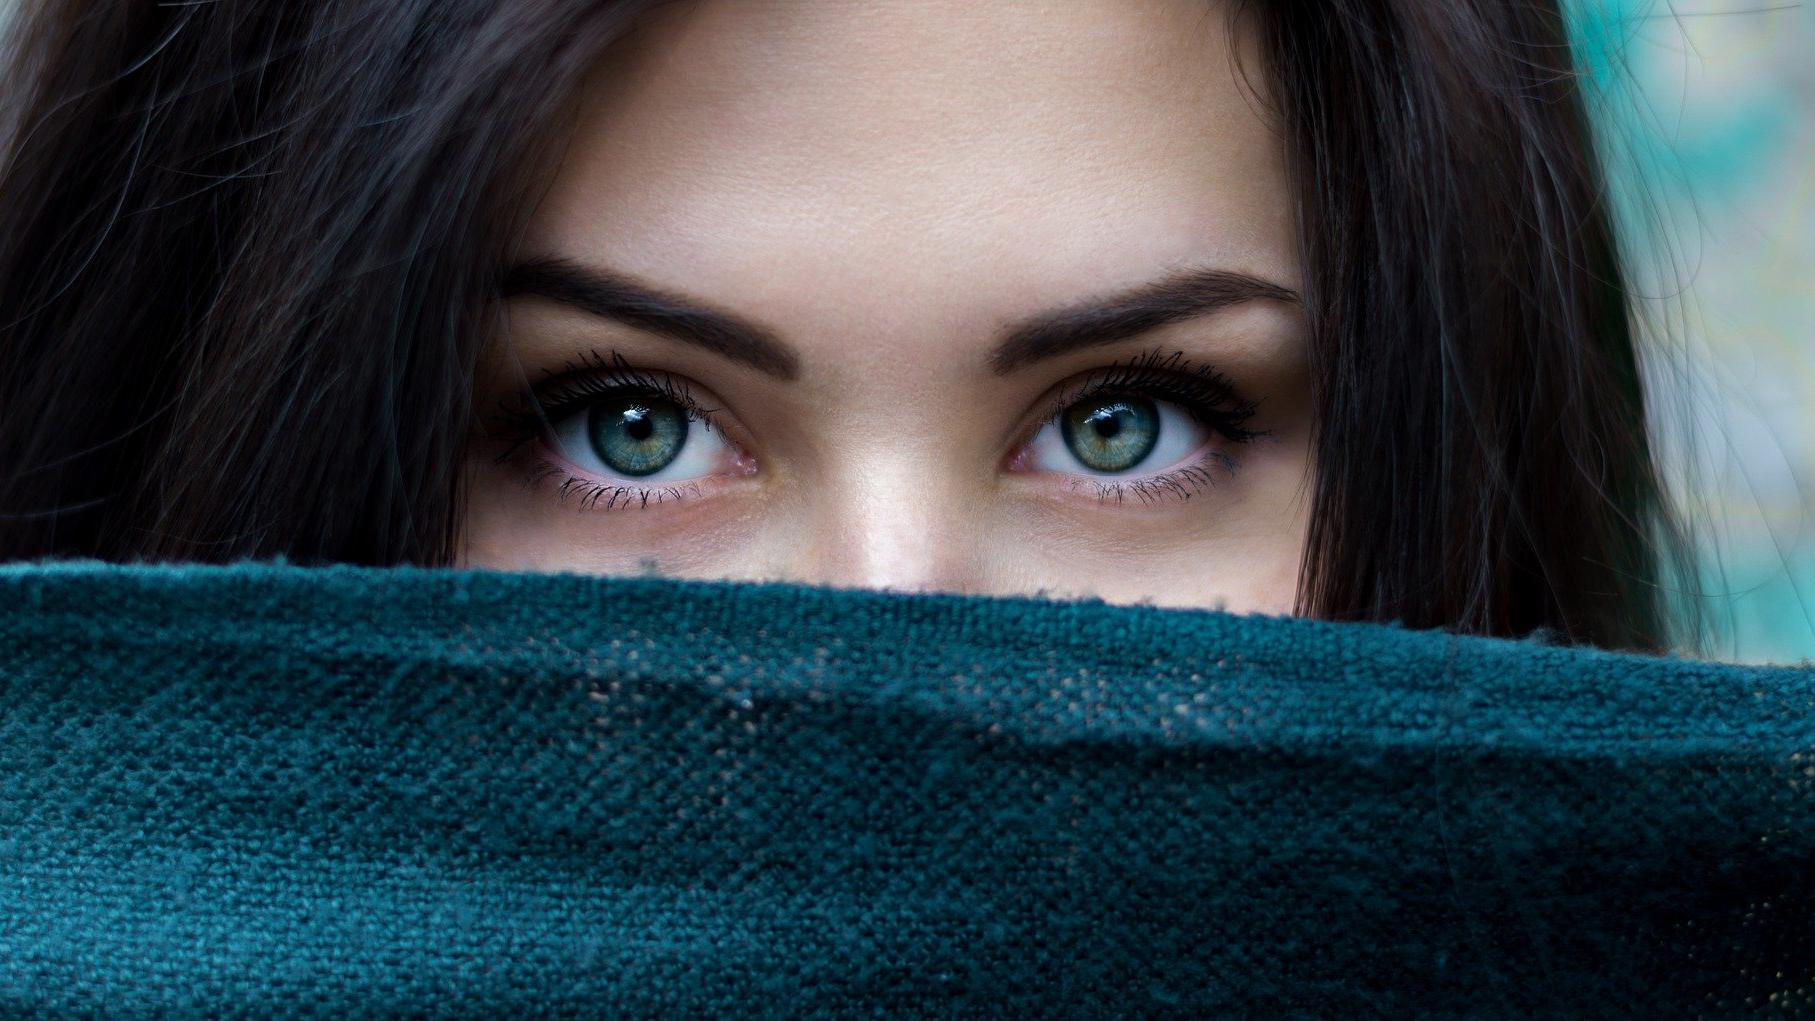 Verdichtete Wimpern machen die Augen ausdrucksvoller.